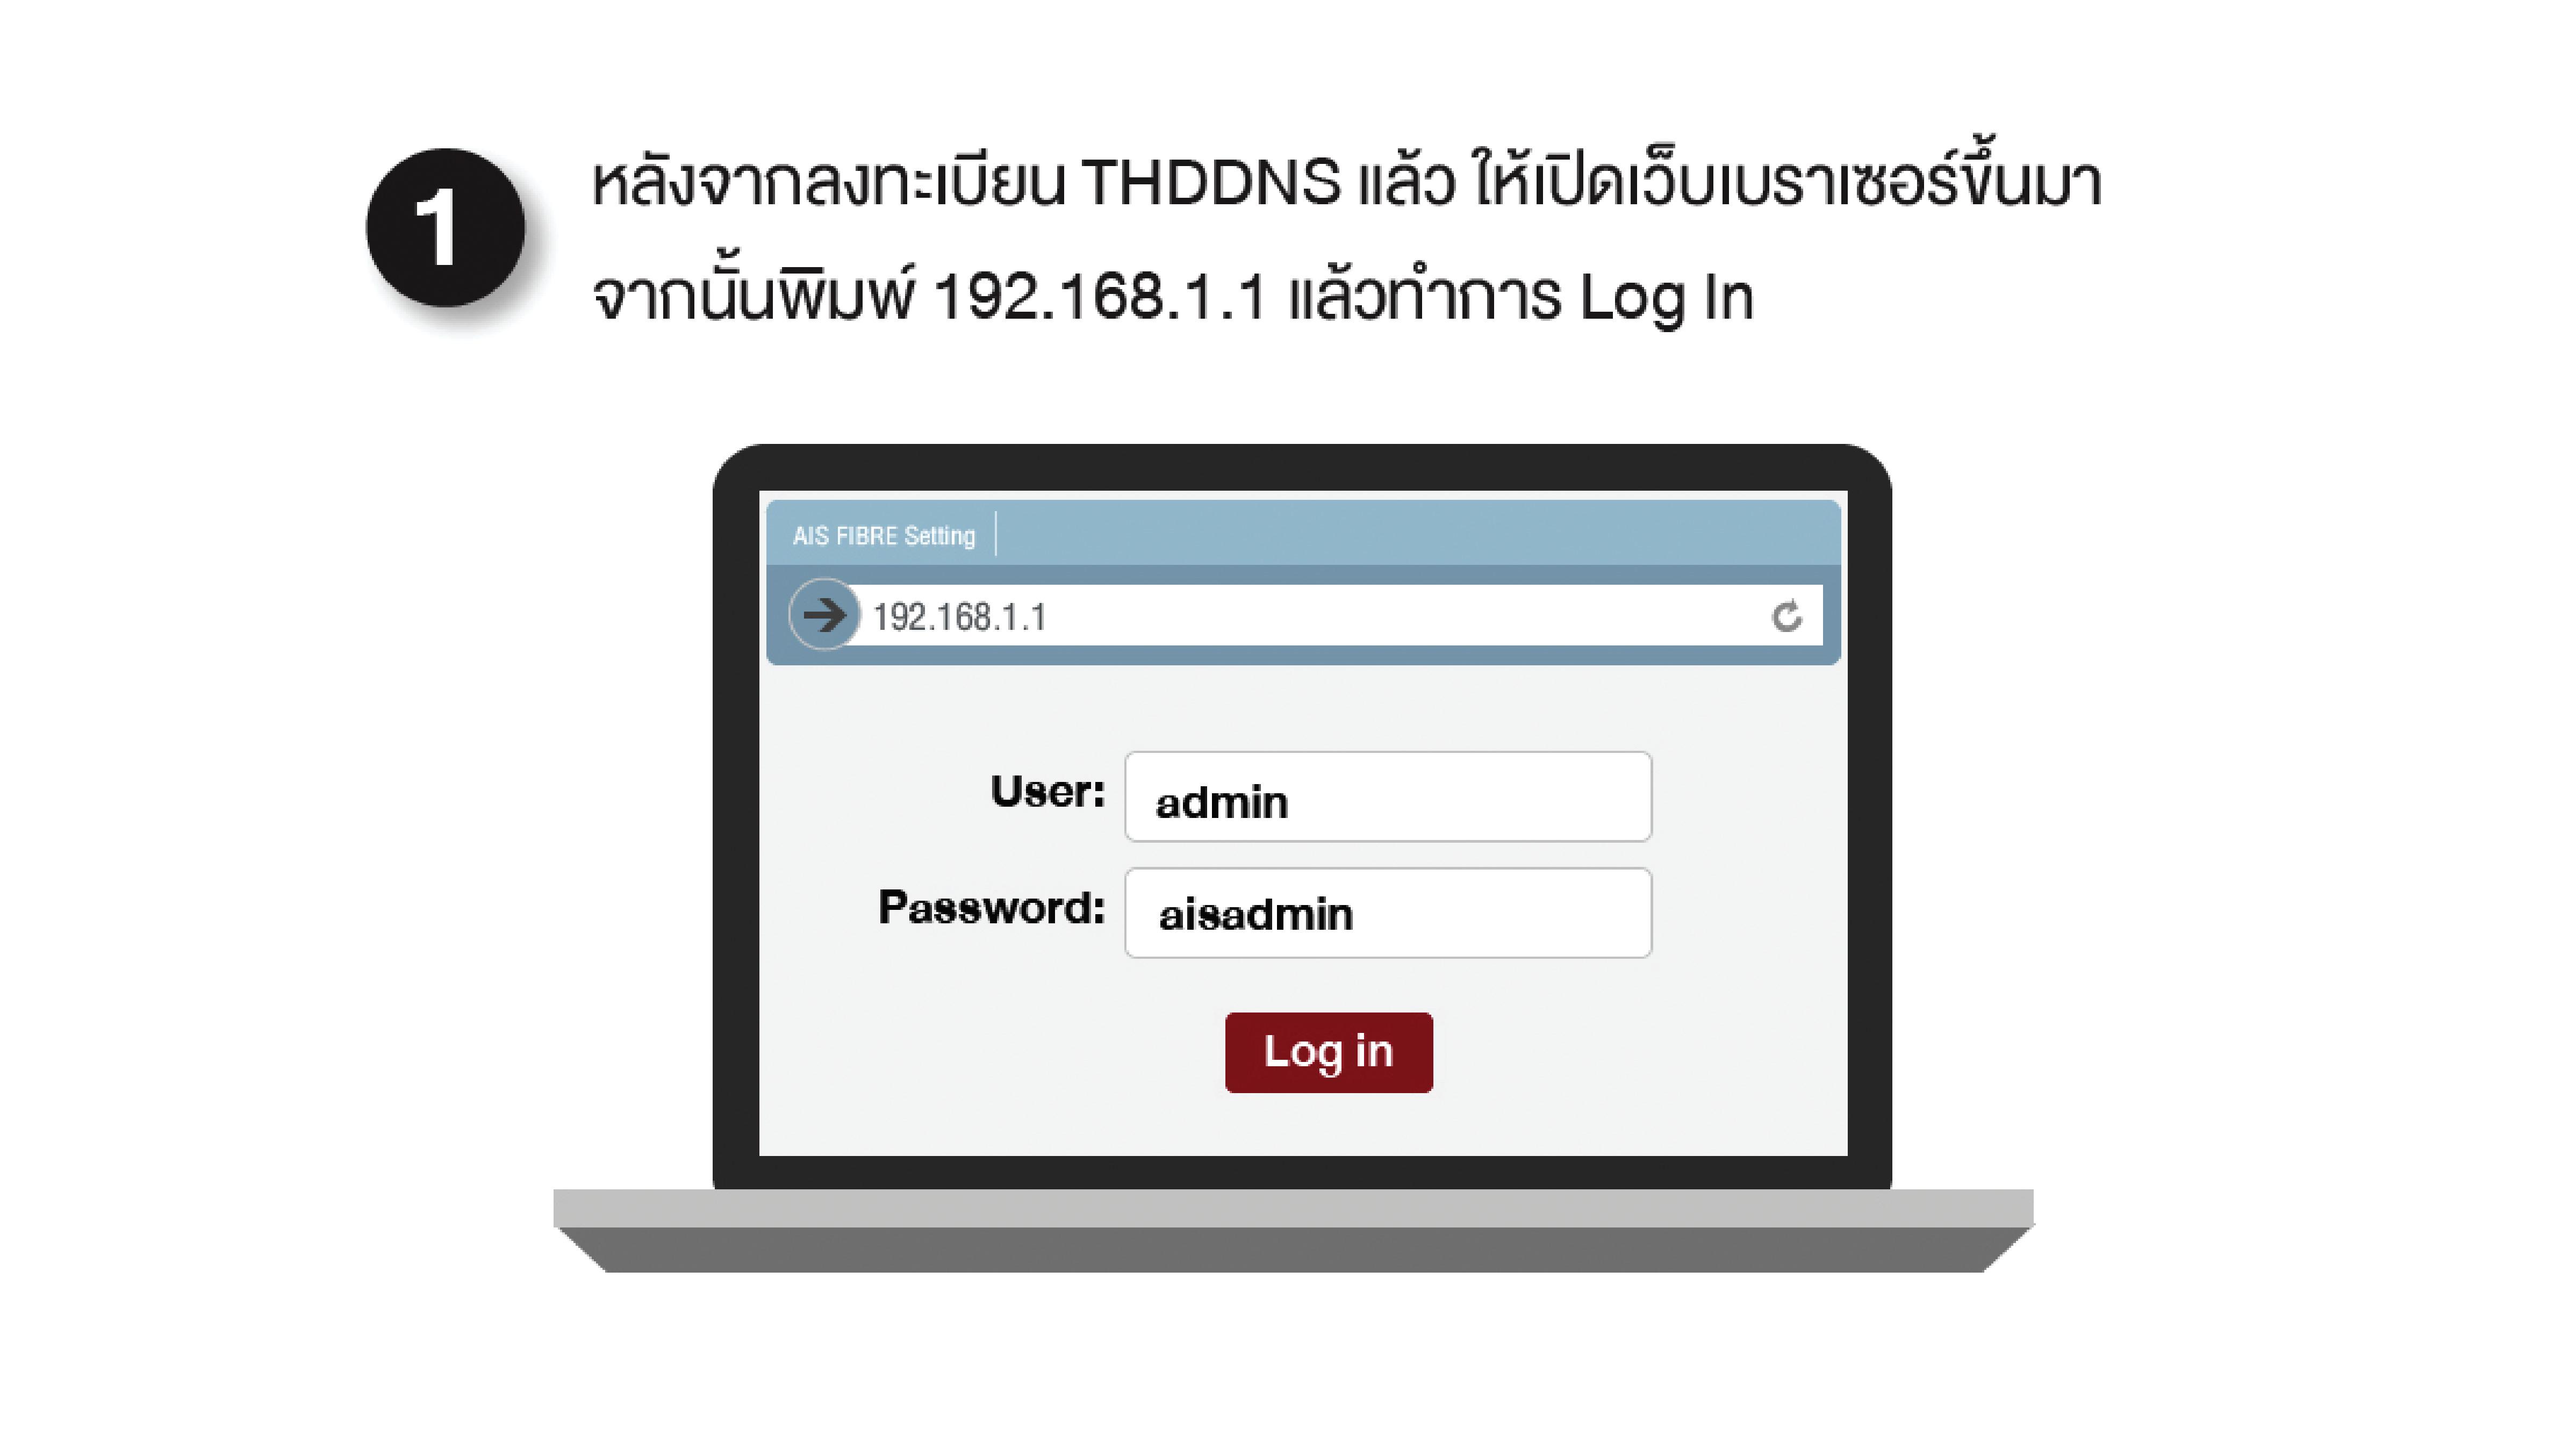 อยากเปลี่ยนชื่อและตั้งค่า AIS Fibrehome HG180 ต้องทำอย่างไร?